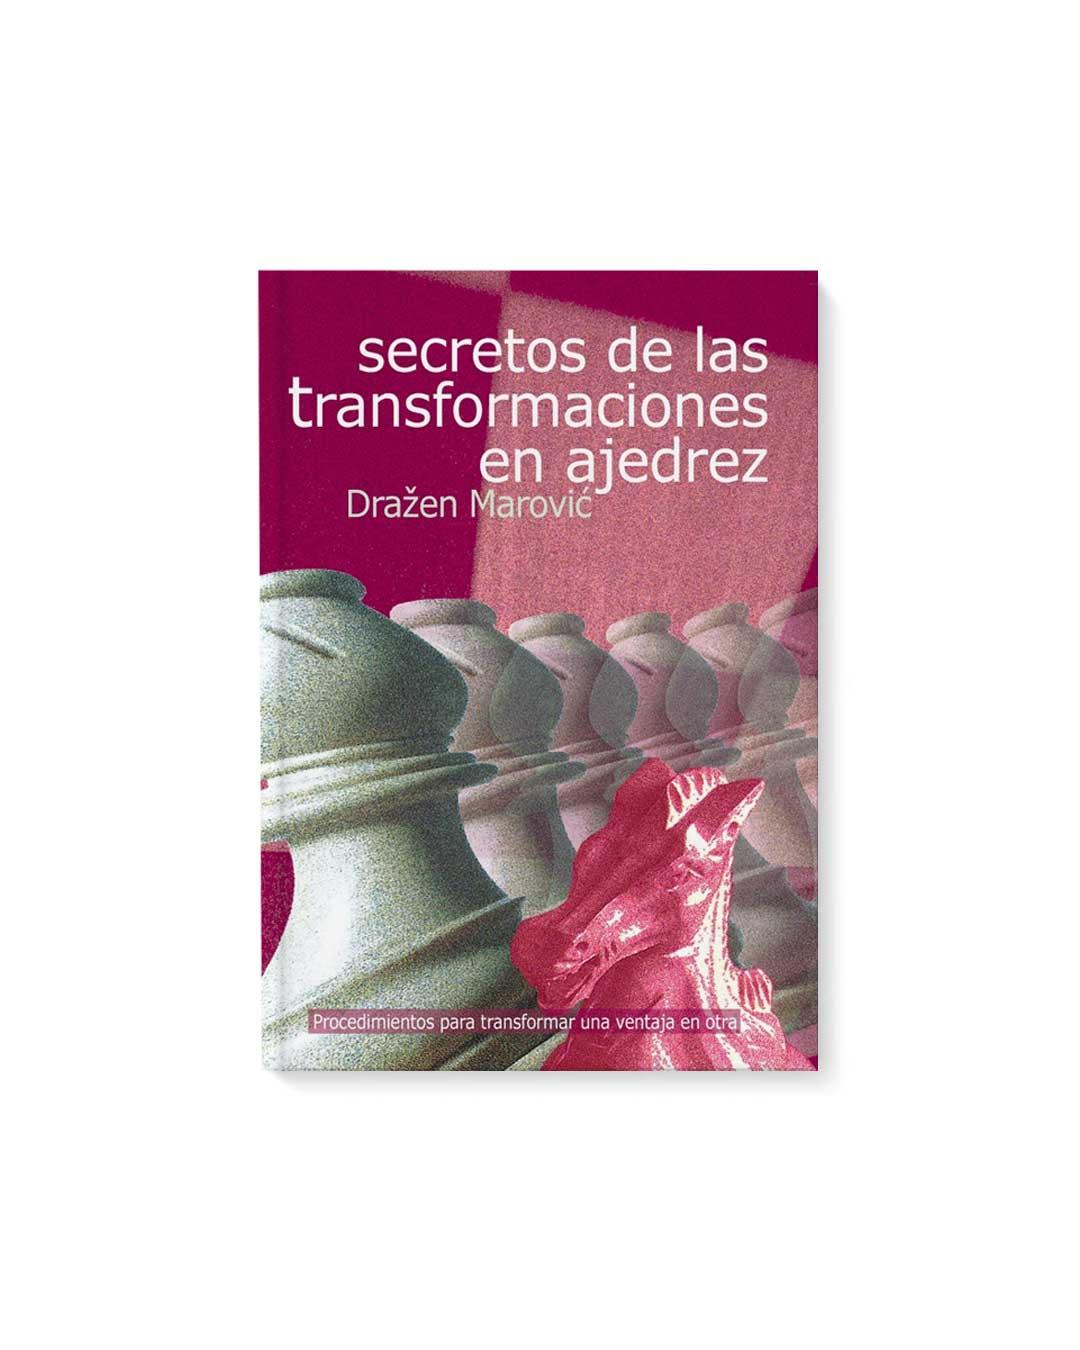 Secretos de las transformaciones en ajedrez - Drazen Marovic